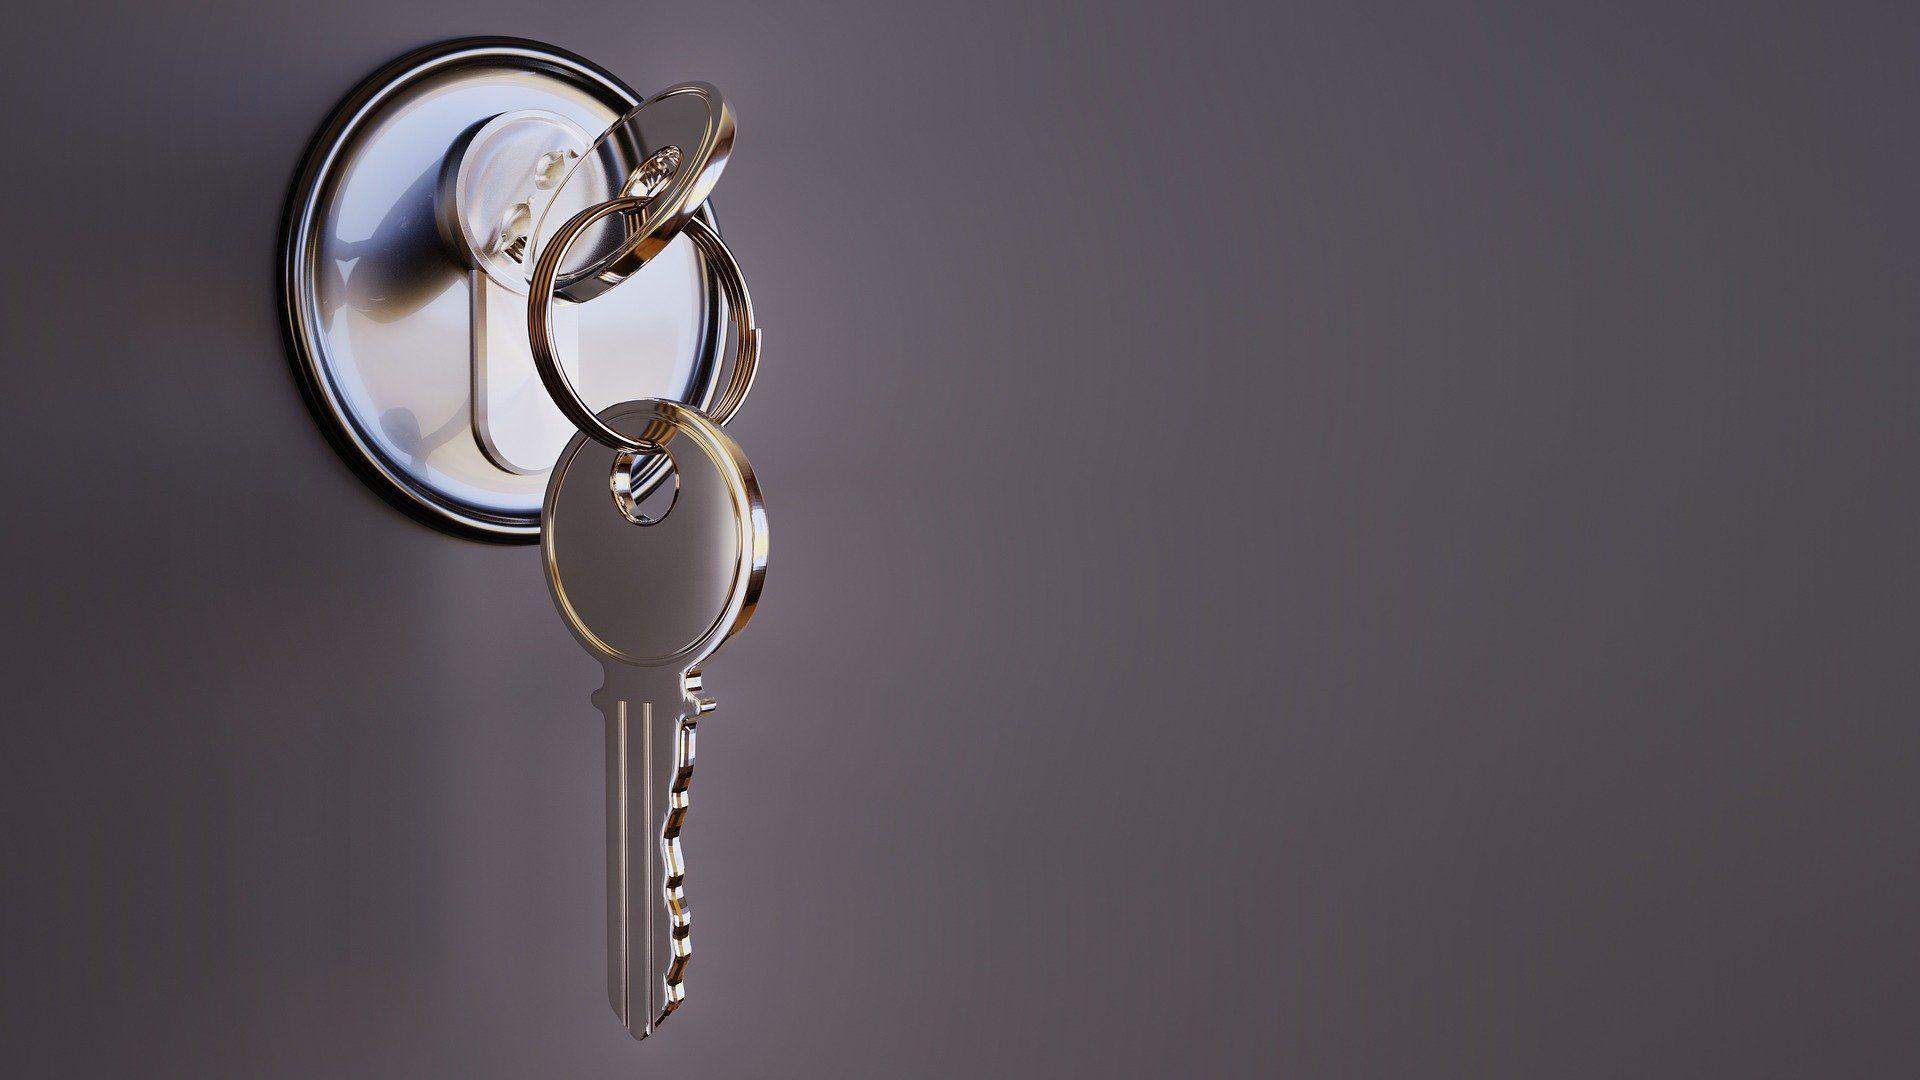 A key inside a keyhole